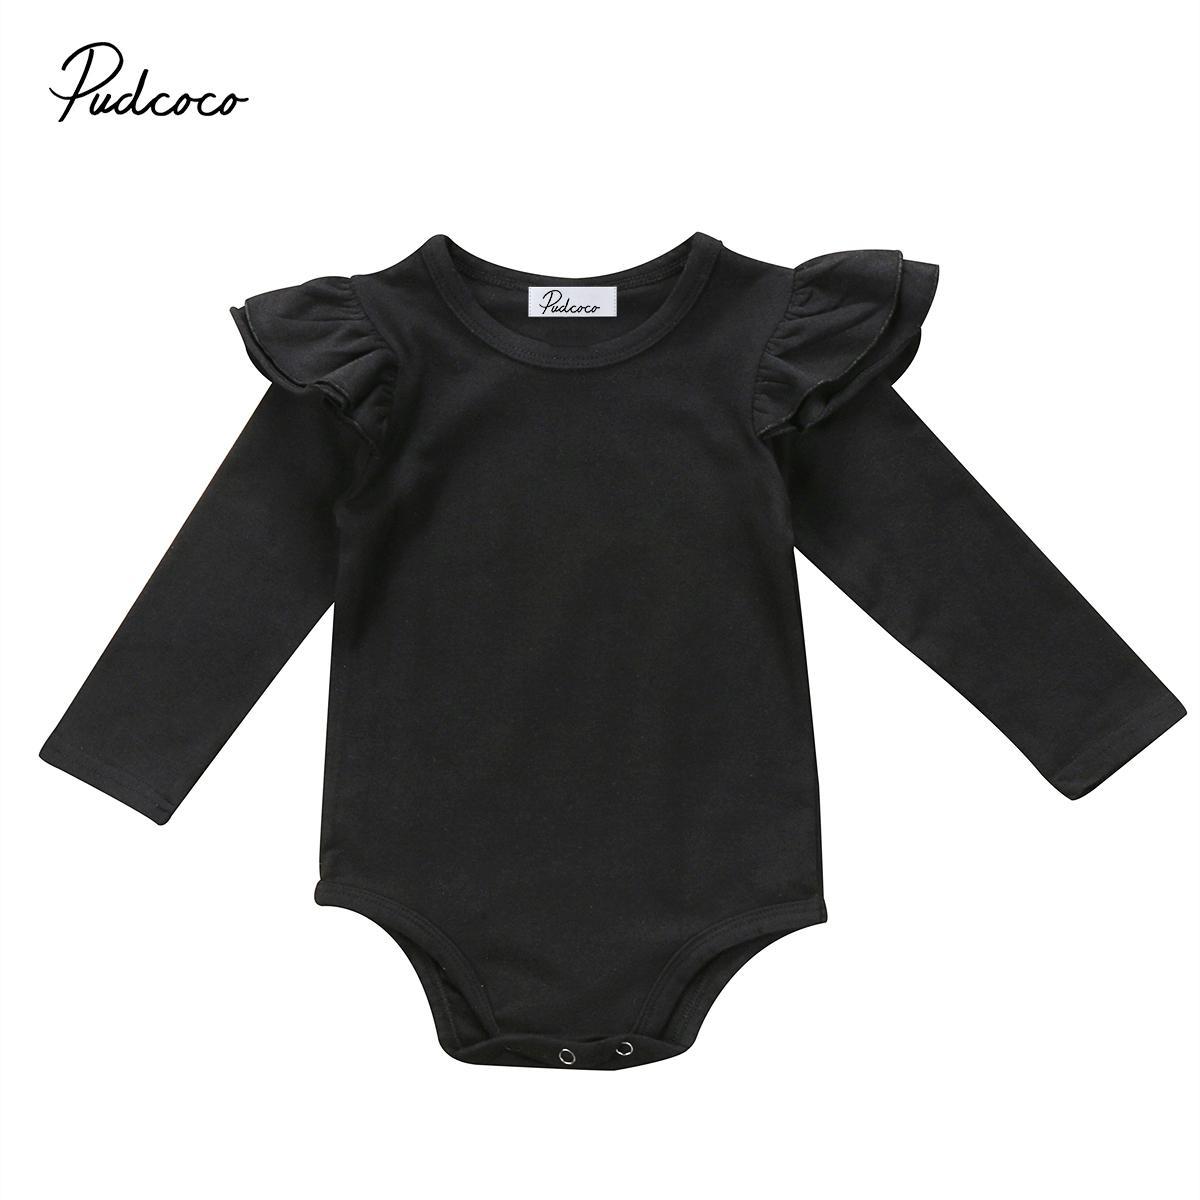 0-18M Sevimli Kız Bebek Romper Sonbahar Katı Renk Elbise Bebek Pamuk Uzun Ruffle Kol Jumpsuit Casual Giyim Dedikodu Kostüm